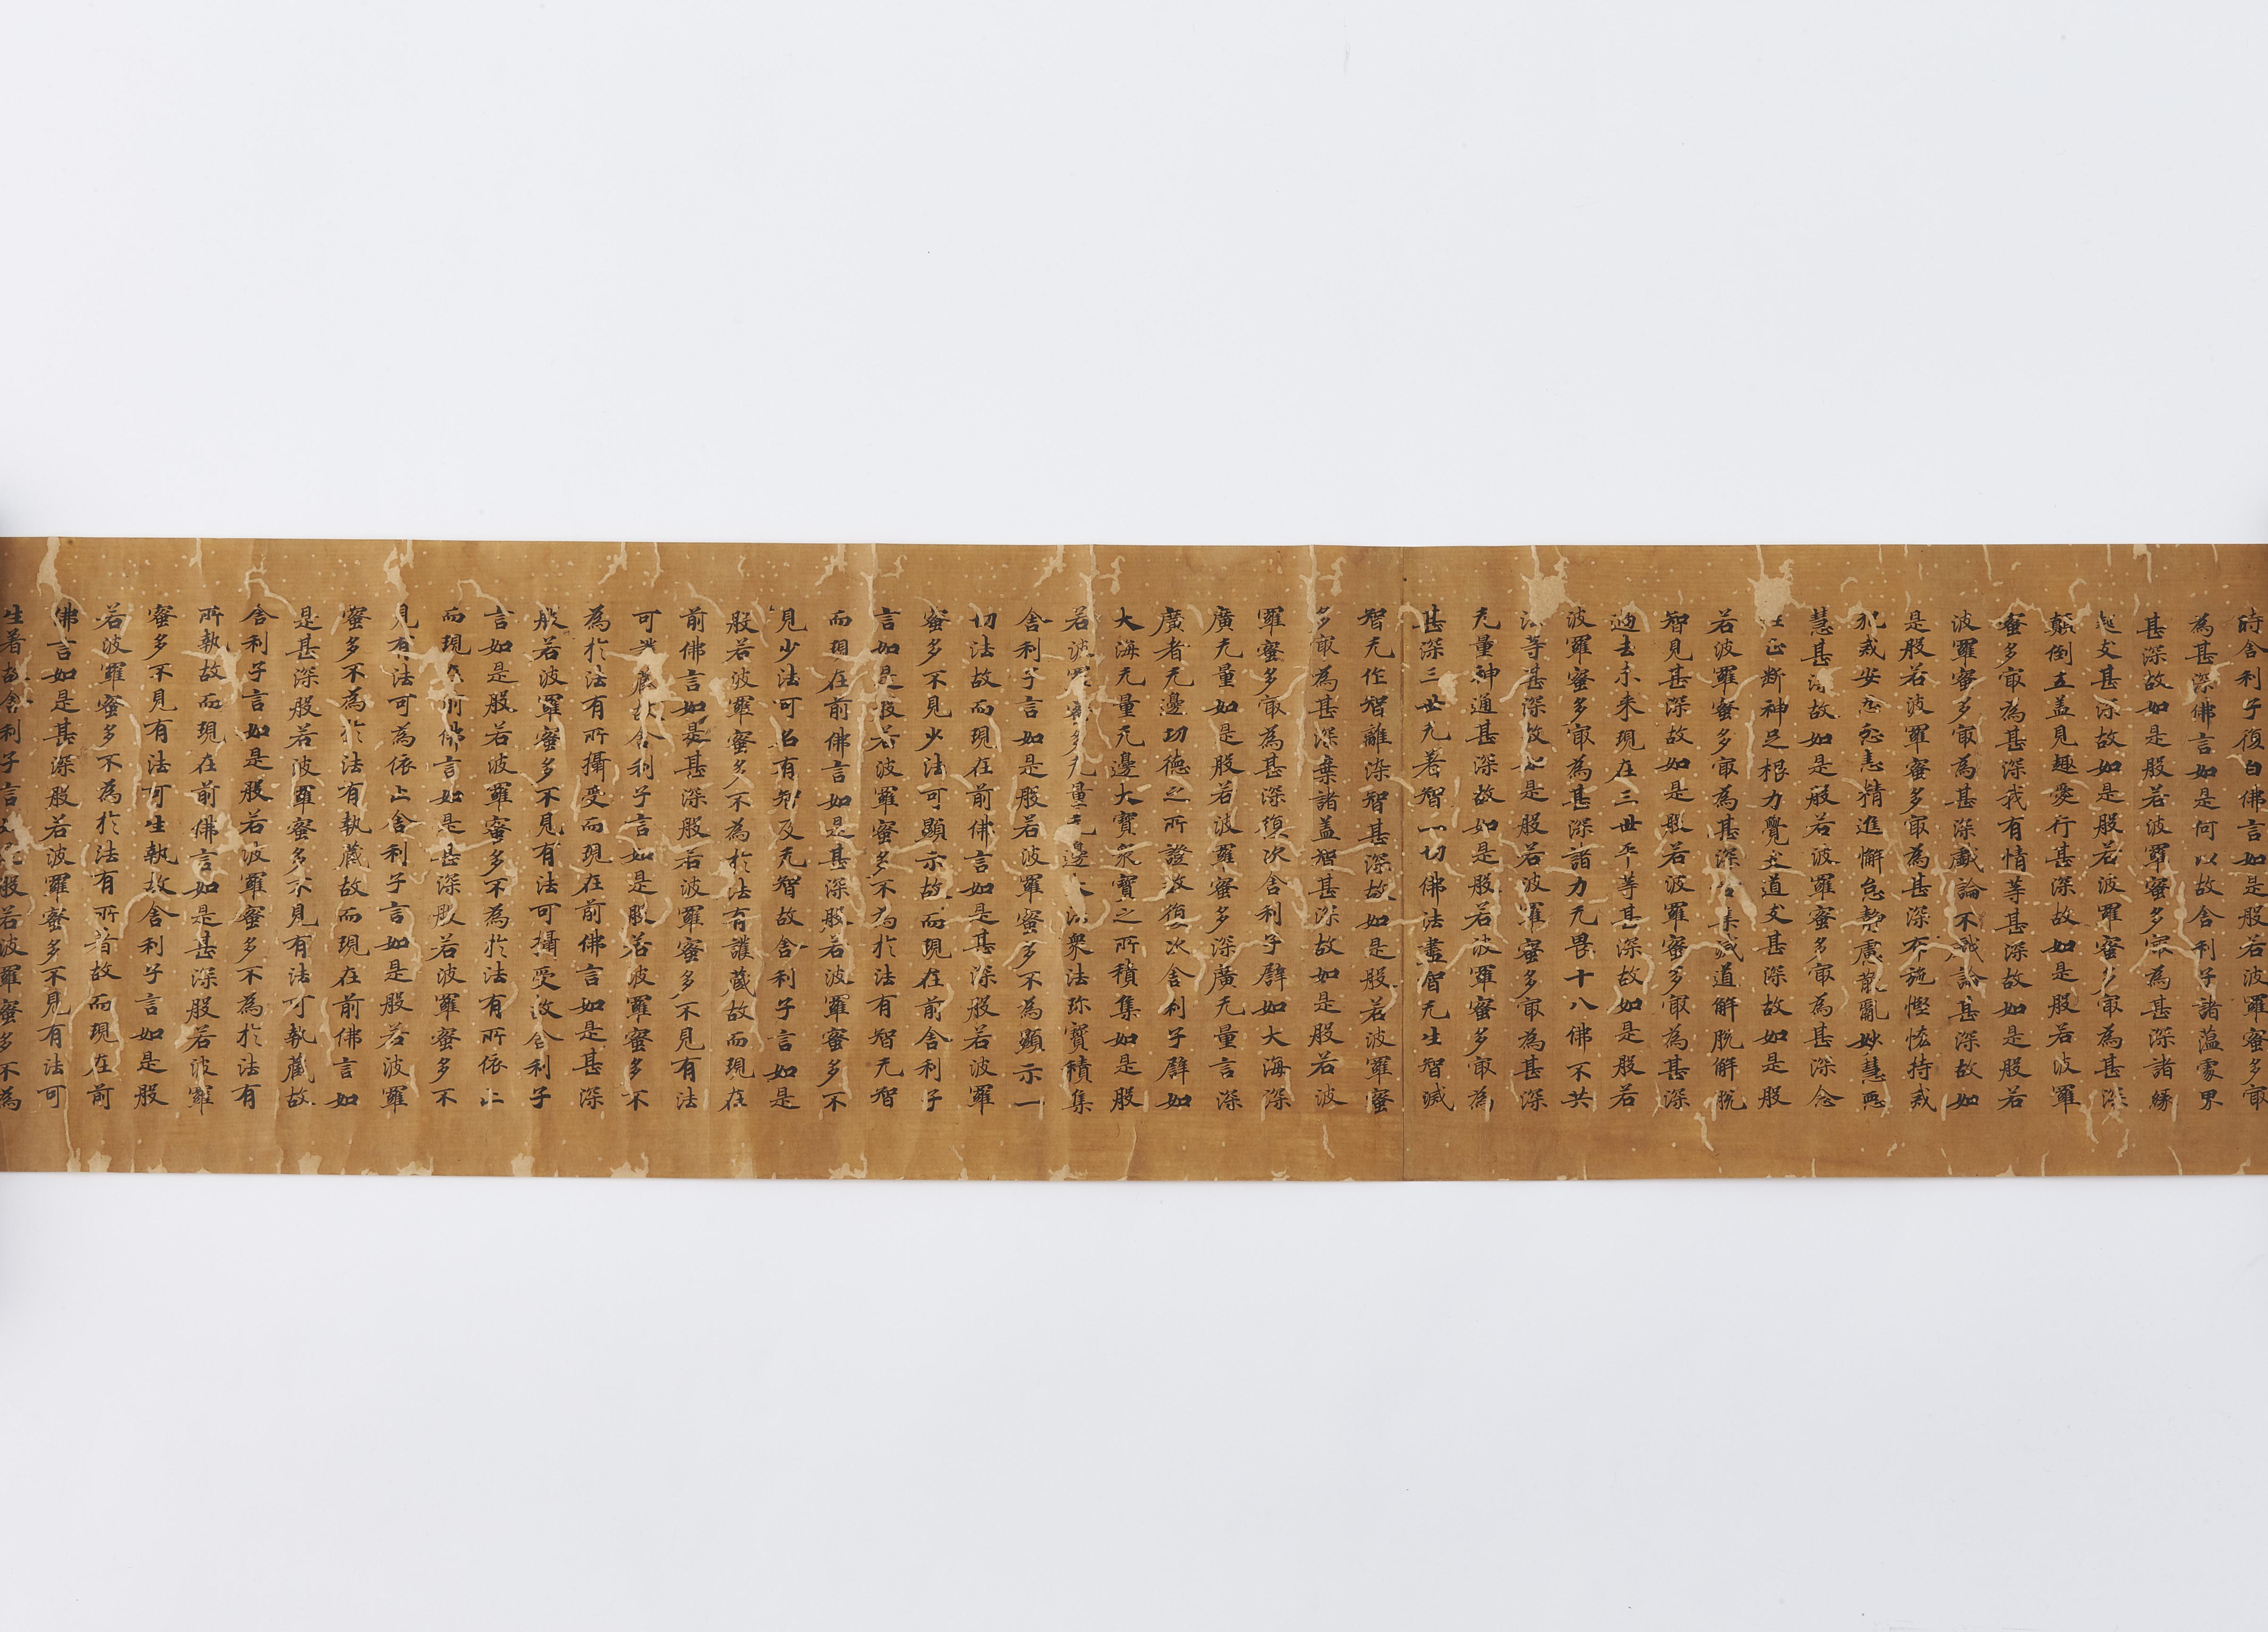 170113八世紀 大般若経巻五百九十六25.5×964㎝